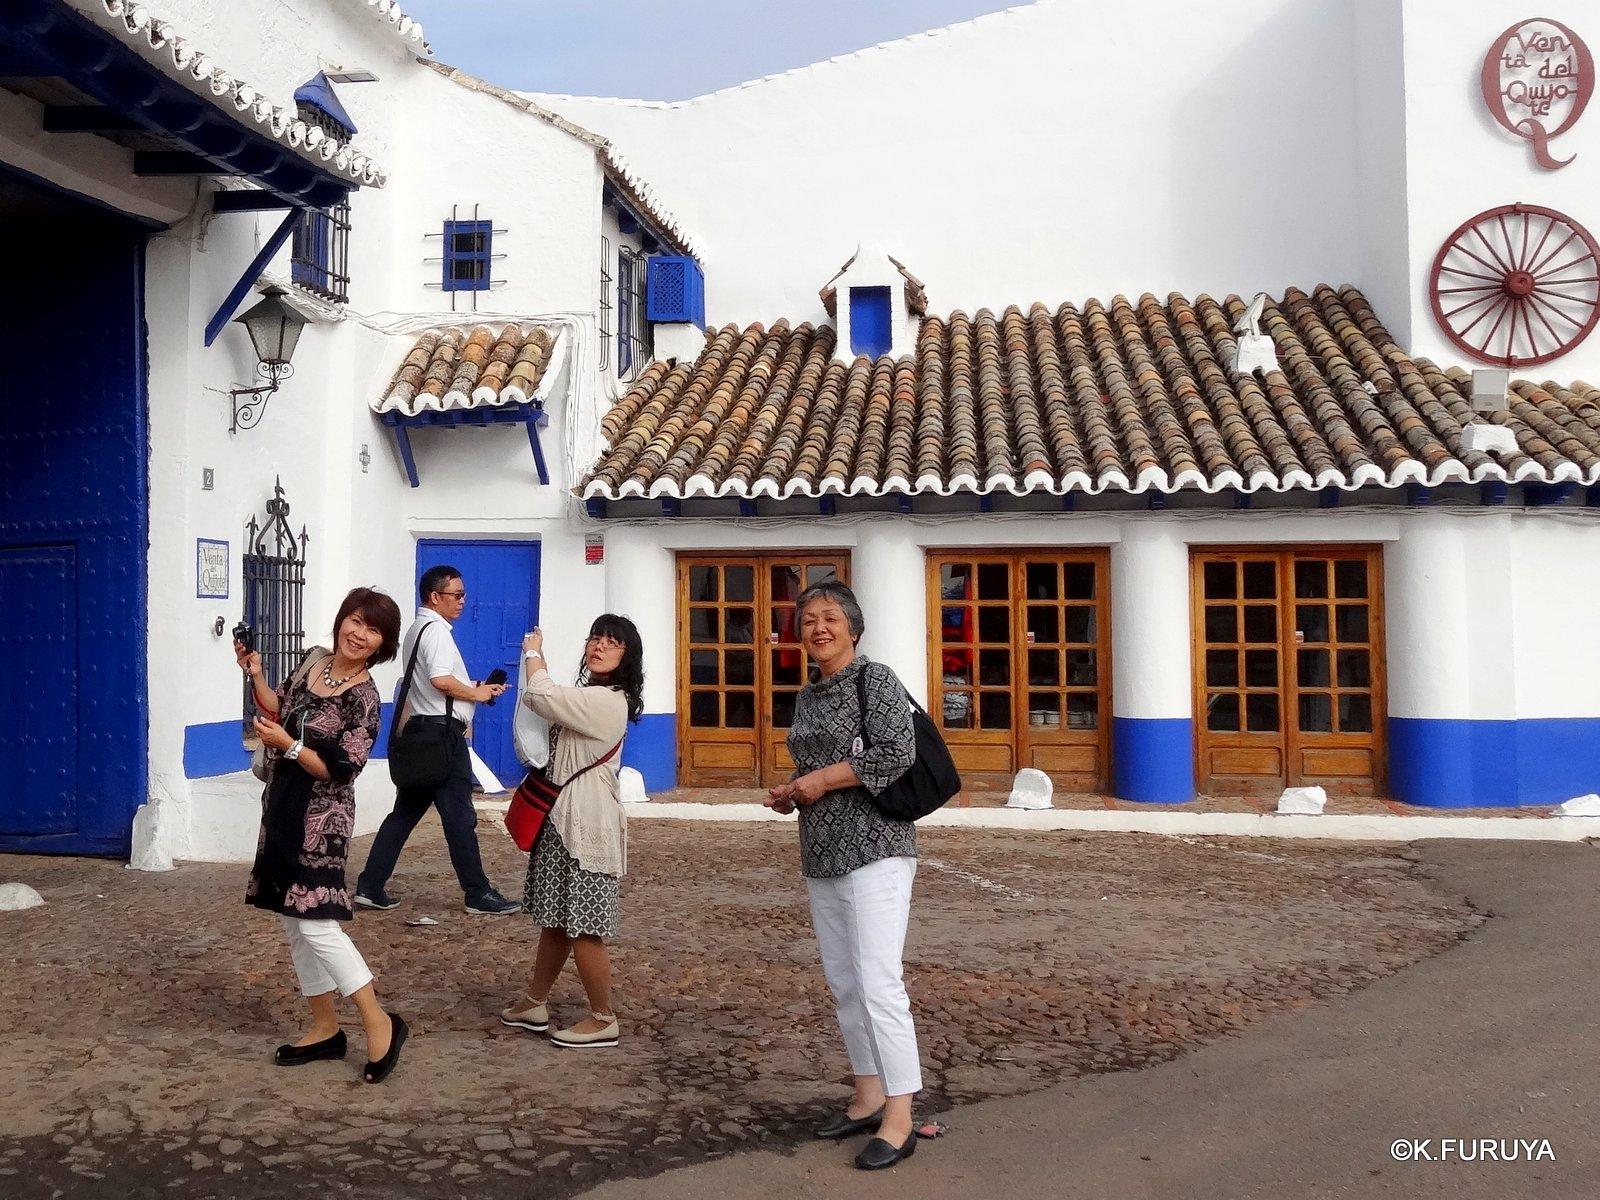 スペイン旅行記 10  ラ・マンチャ_a0092659_135483.jpg